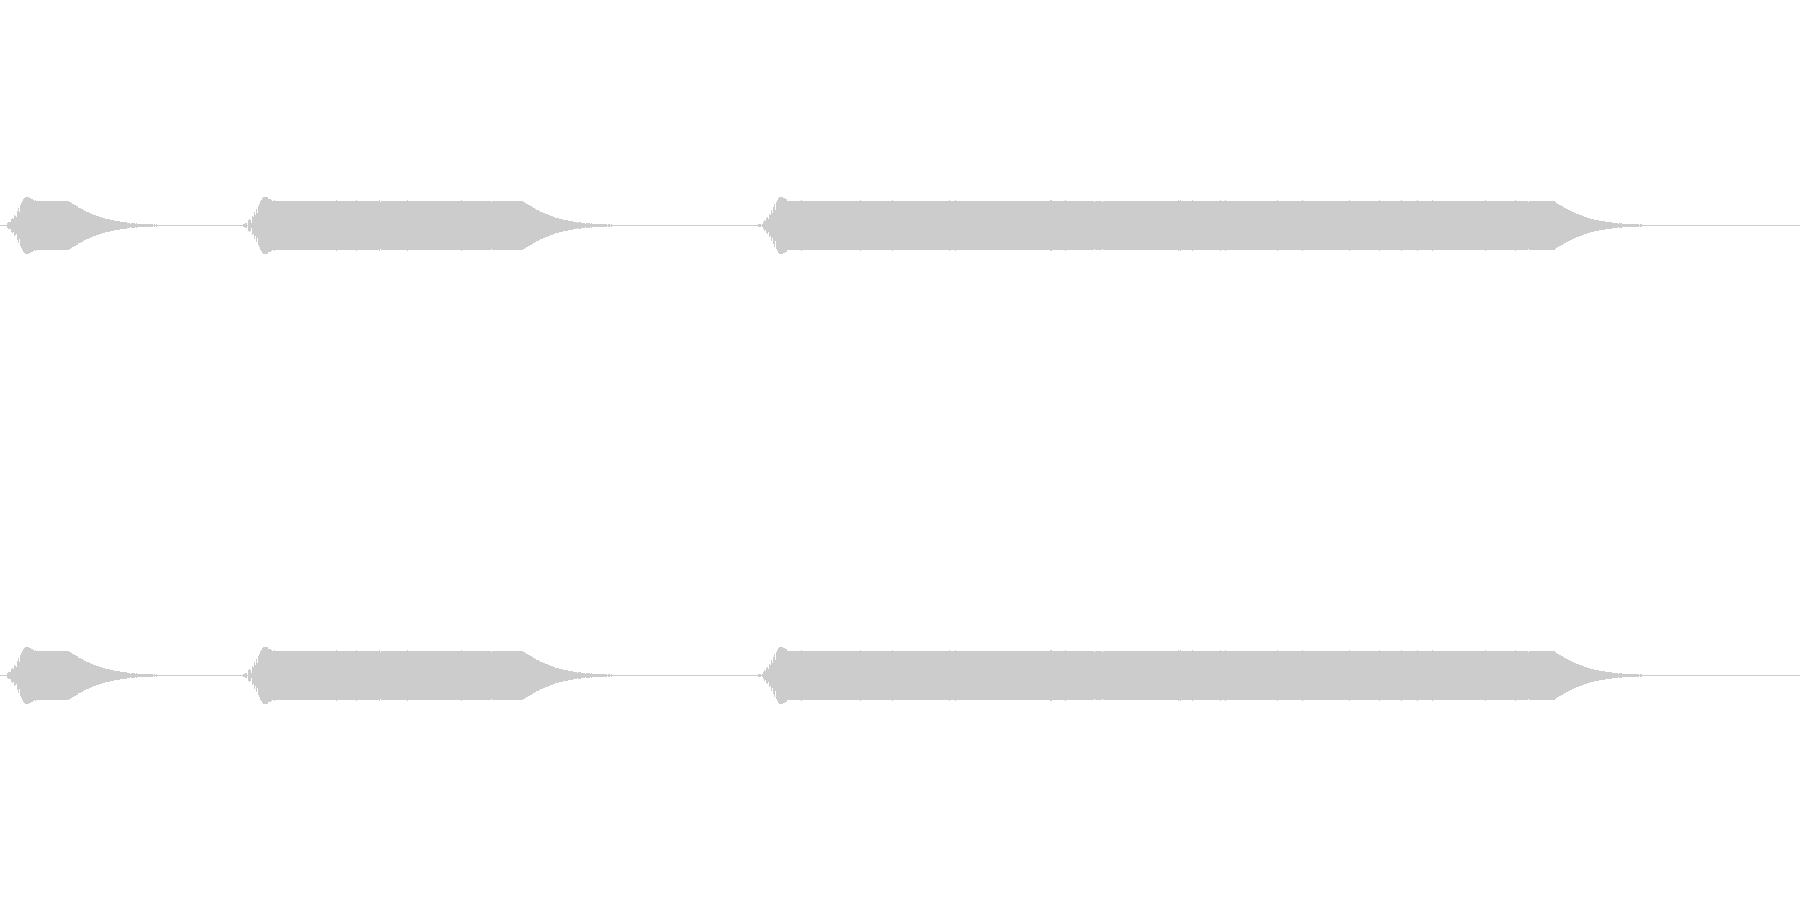 キュイーン:ドリル、リューターの音の未再生の波形